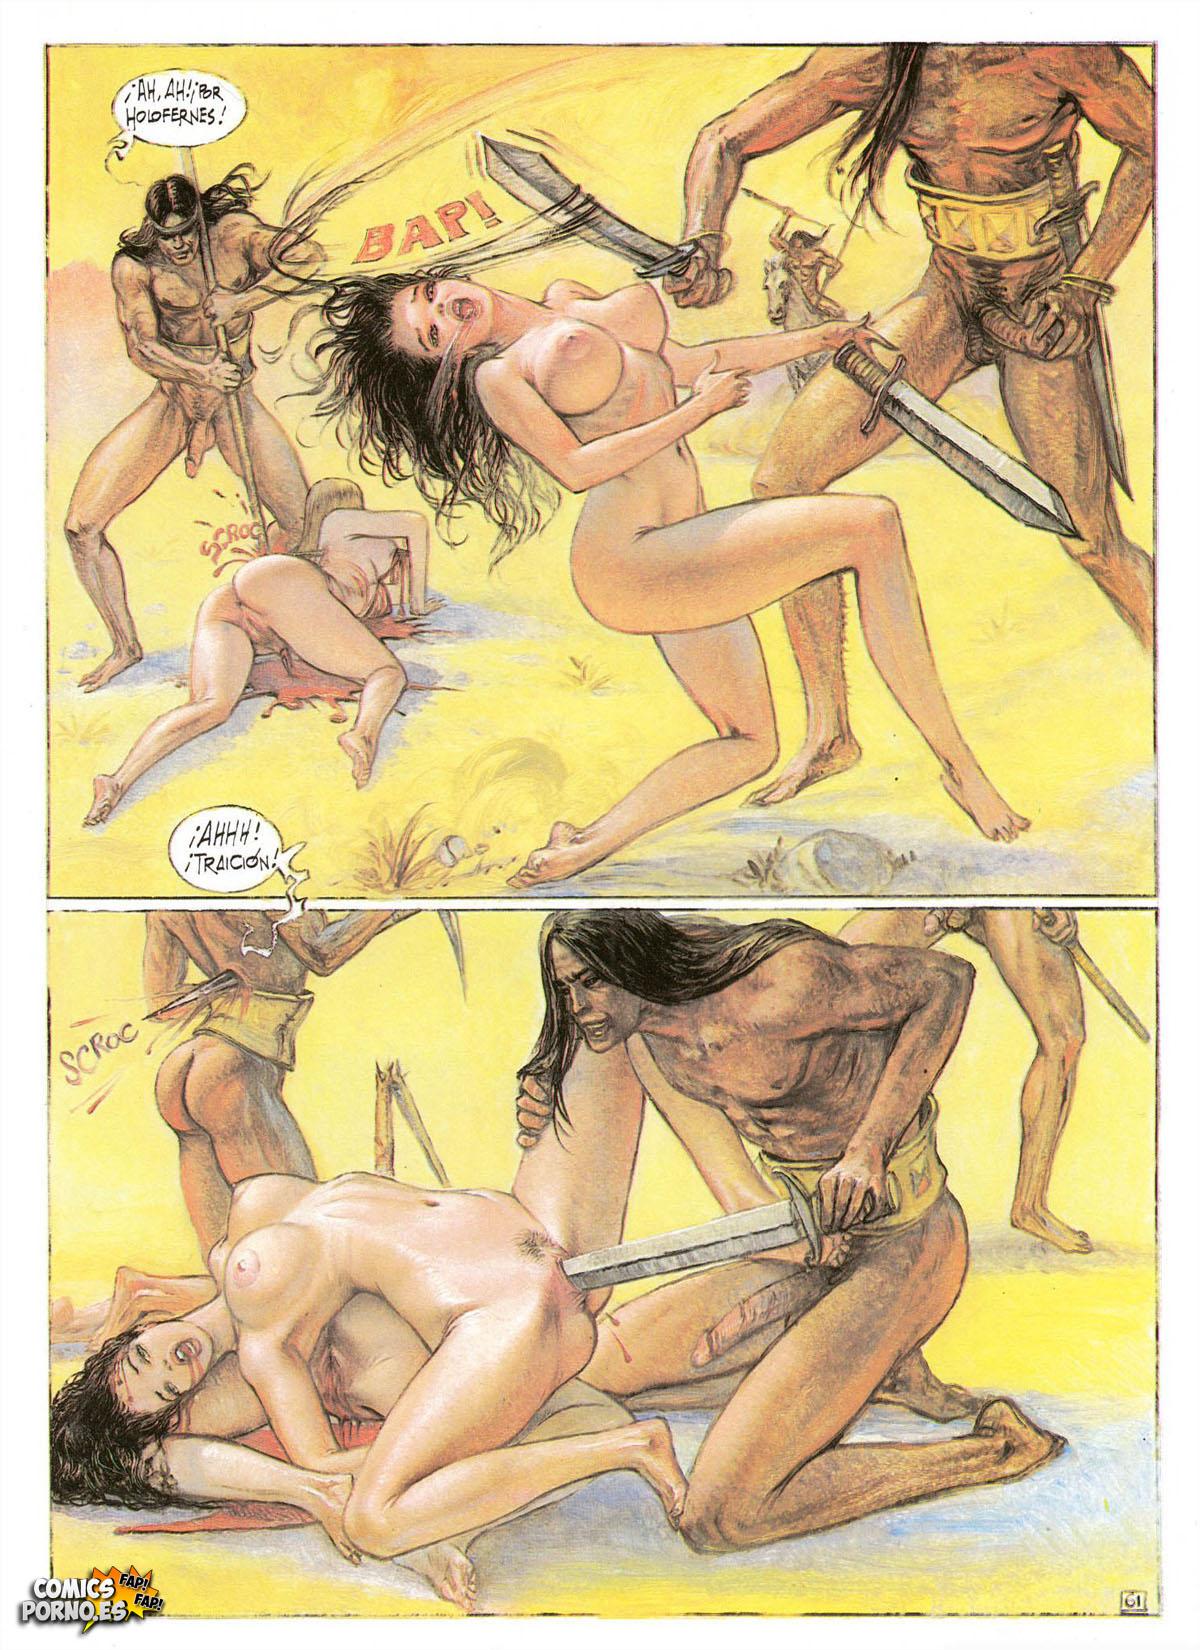 Секс порно историческое 23 фотография.